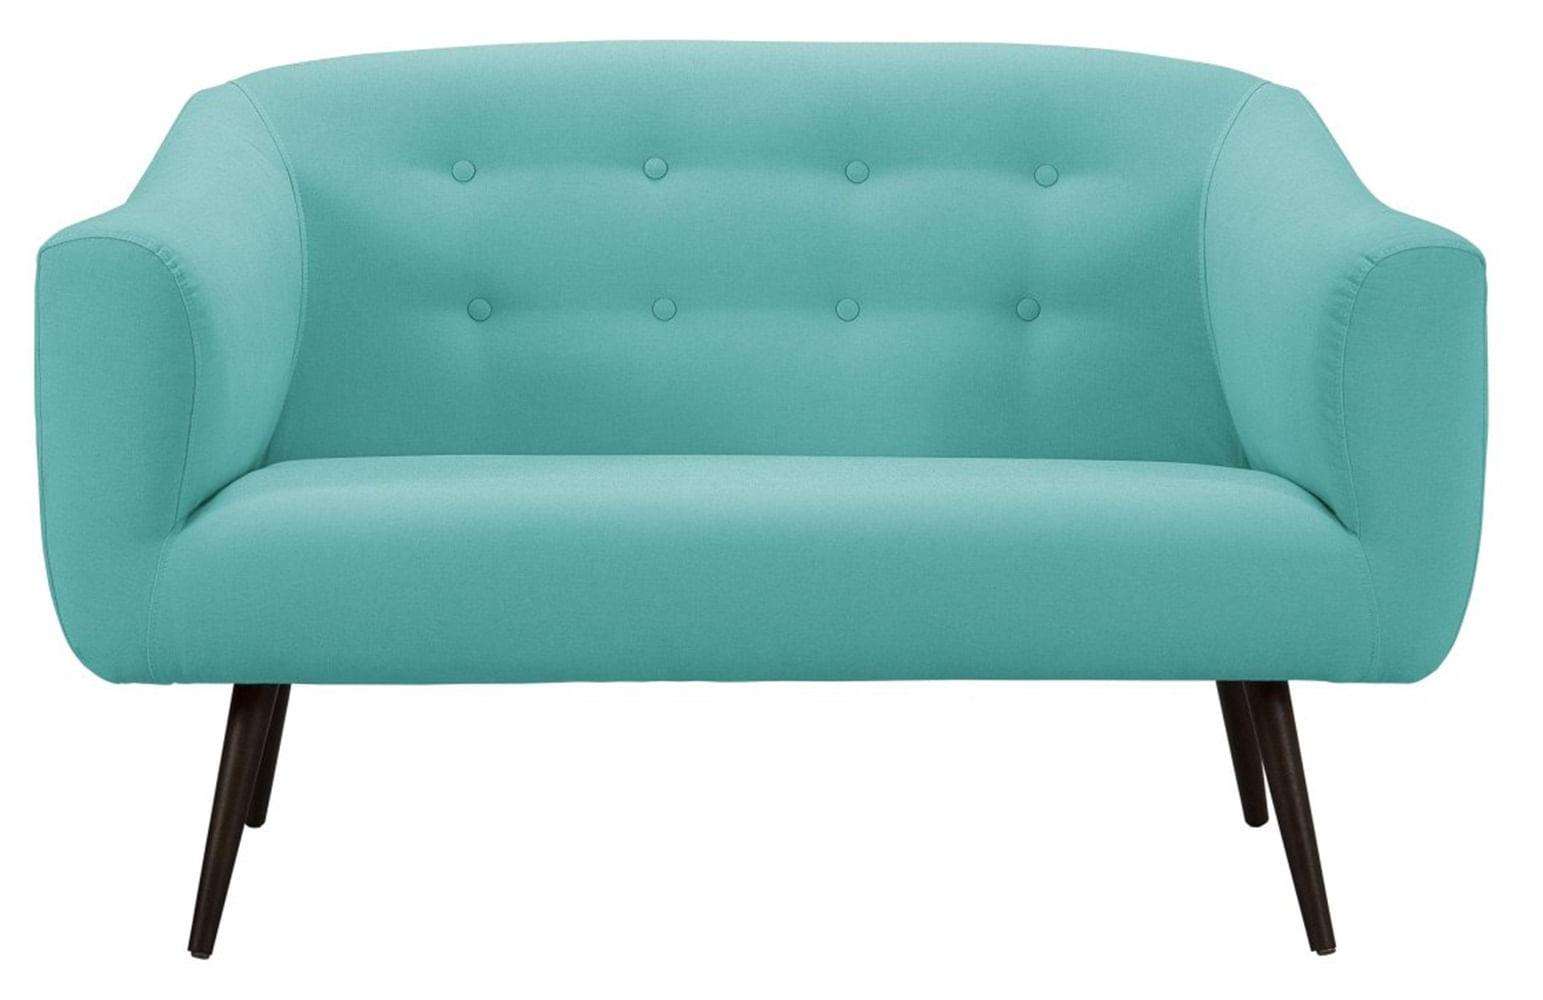 Sofa Zap Azul Claro Base Palito Tabaco 2 Lugares - 50292